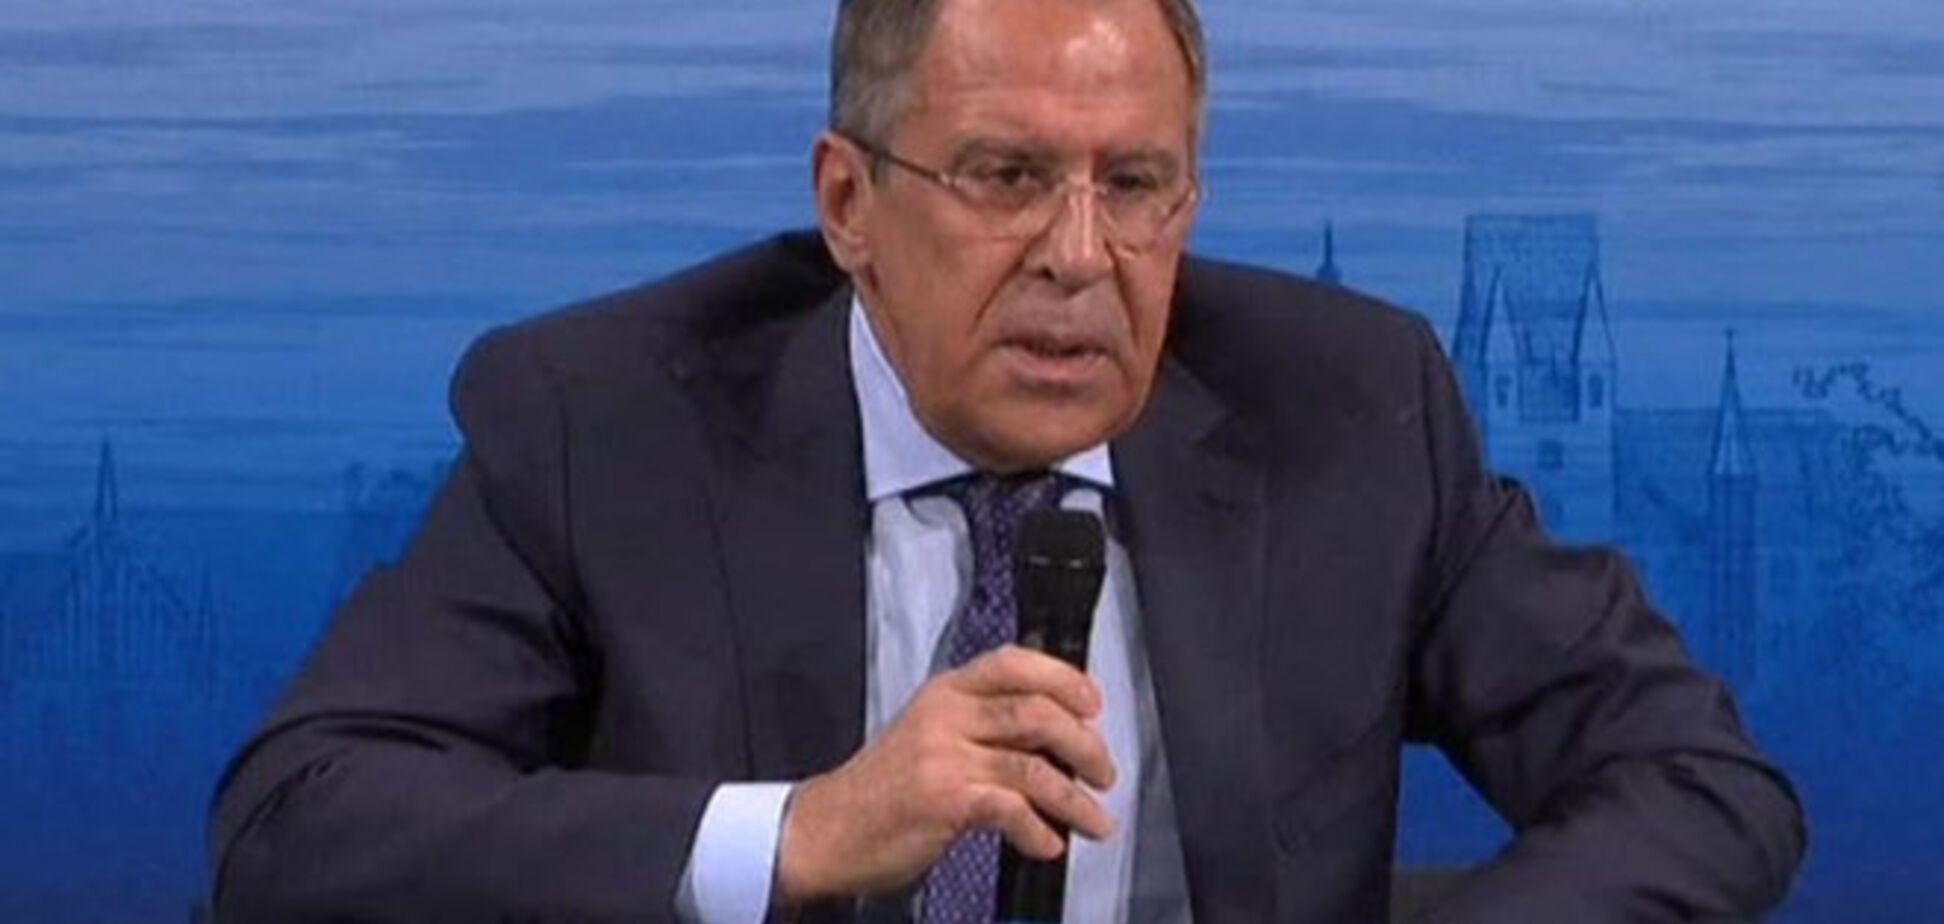 Западные дипломаты устроили 'миротворцу' Лаврову в Мюнхене допрос с насмешками: видеофакт